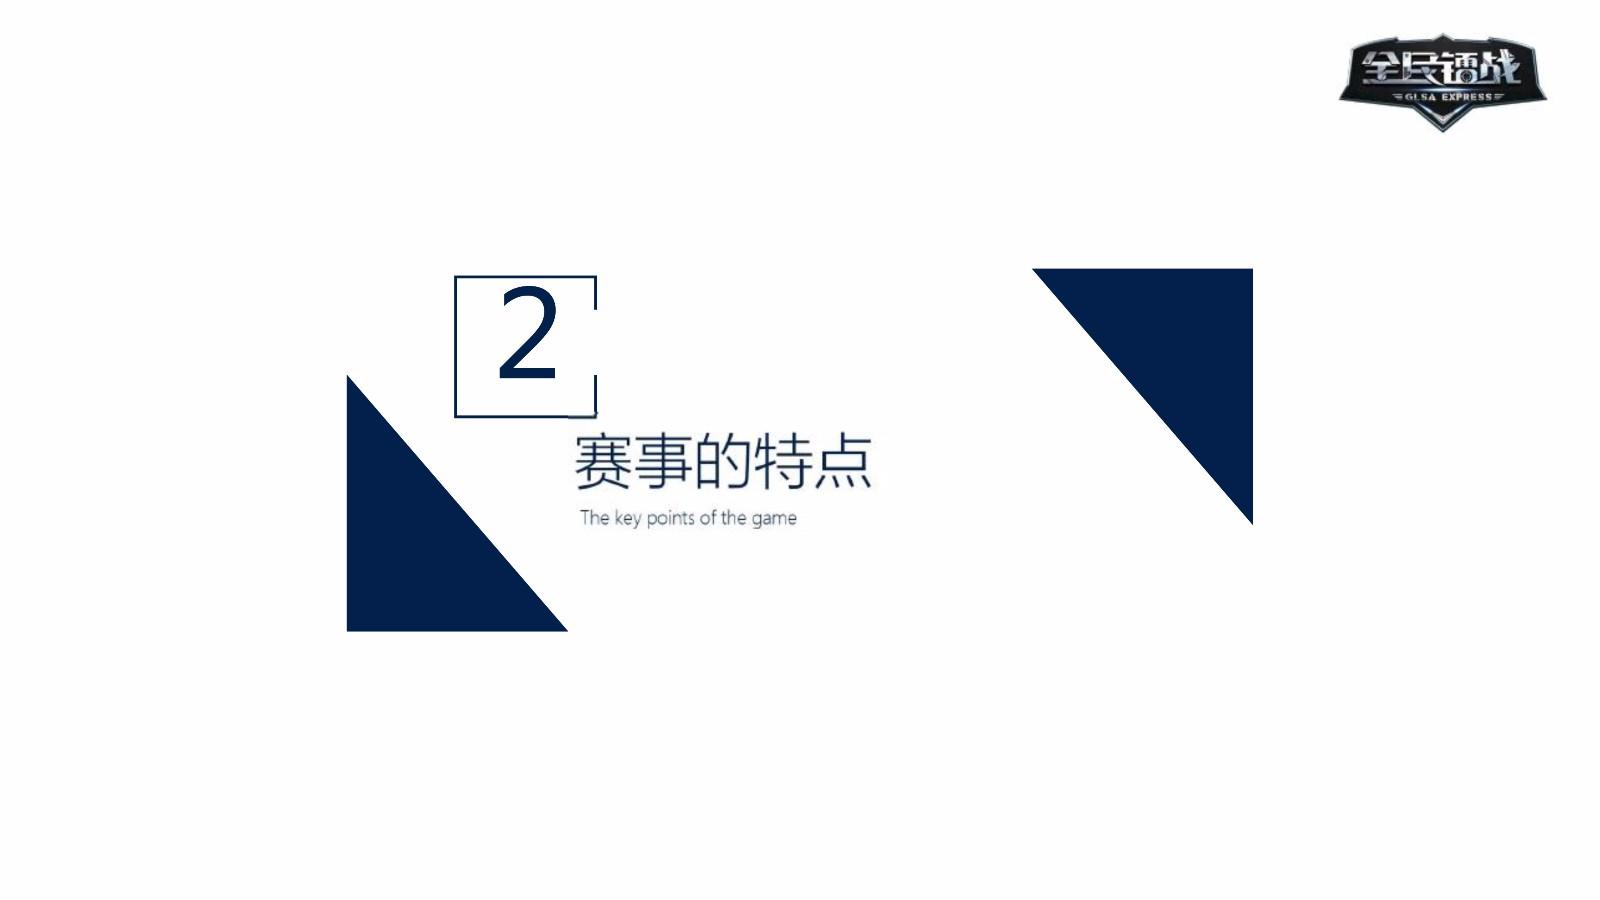 全民镭战射击大赛2018-亲子赛(2)-11.jpg